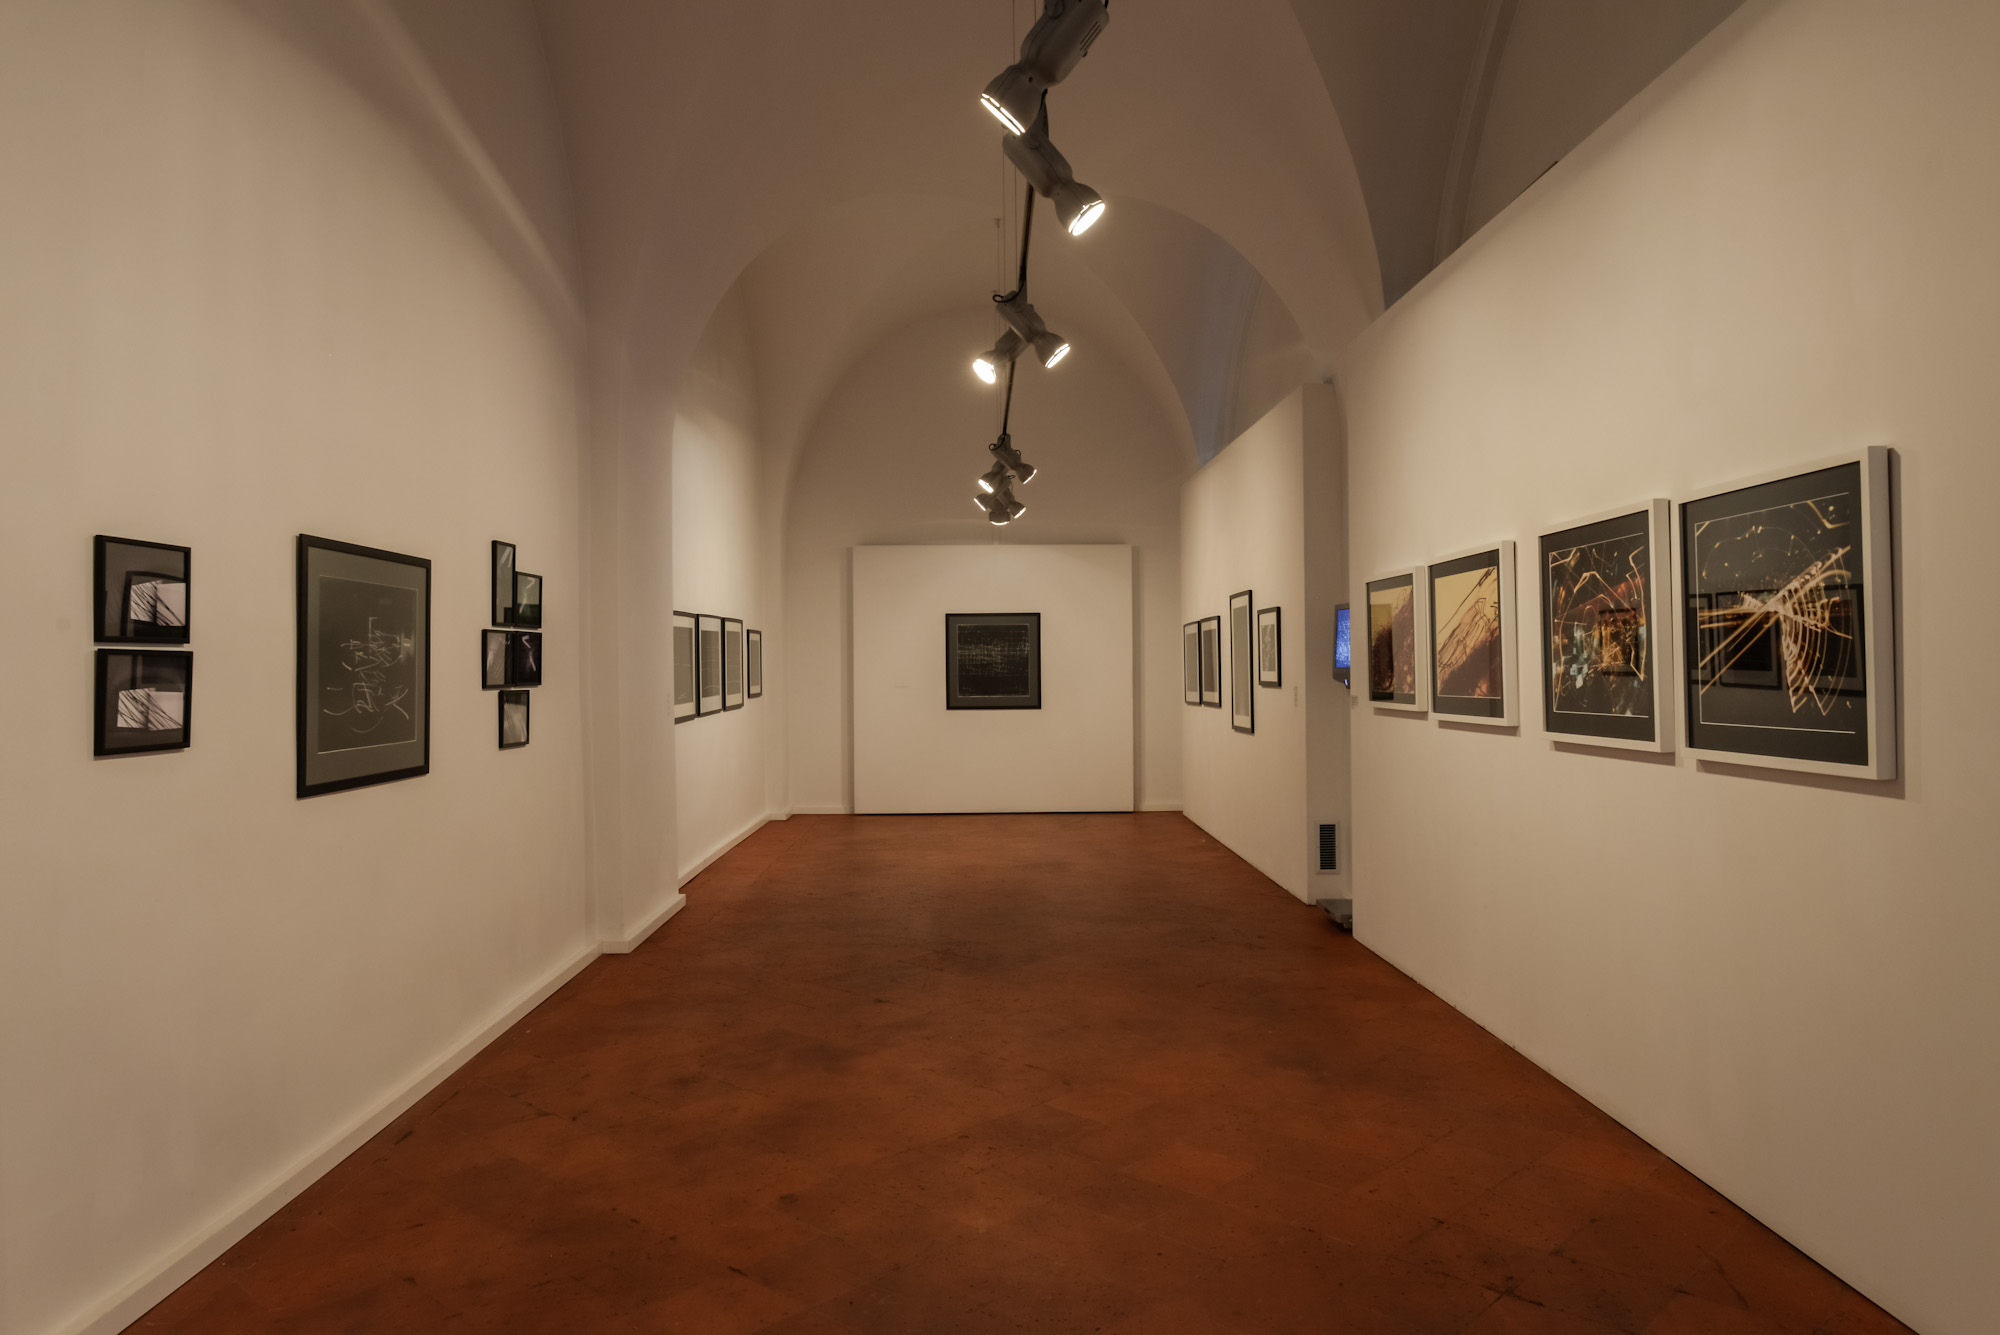 Antoni Mikołajczyk, Light Regained, widok wystawy